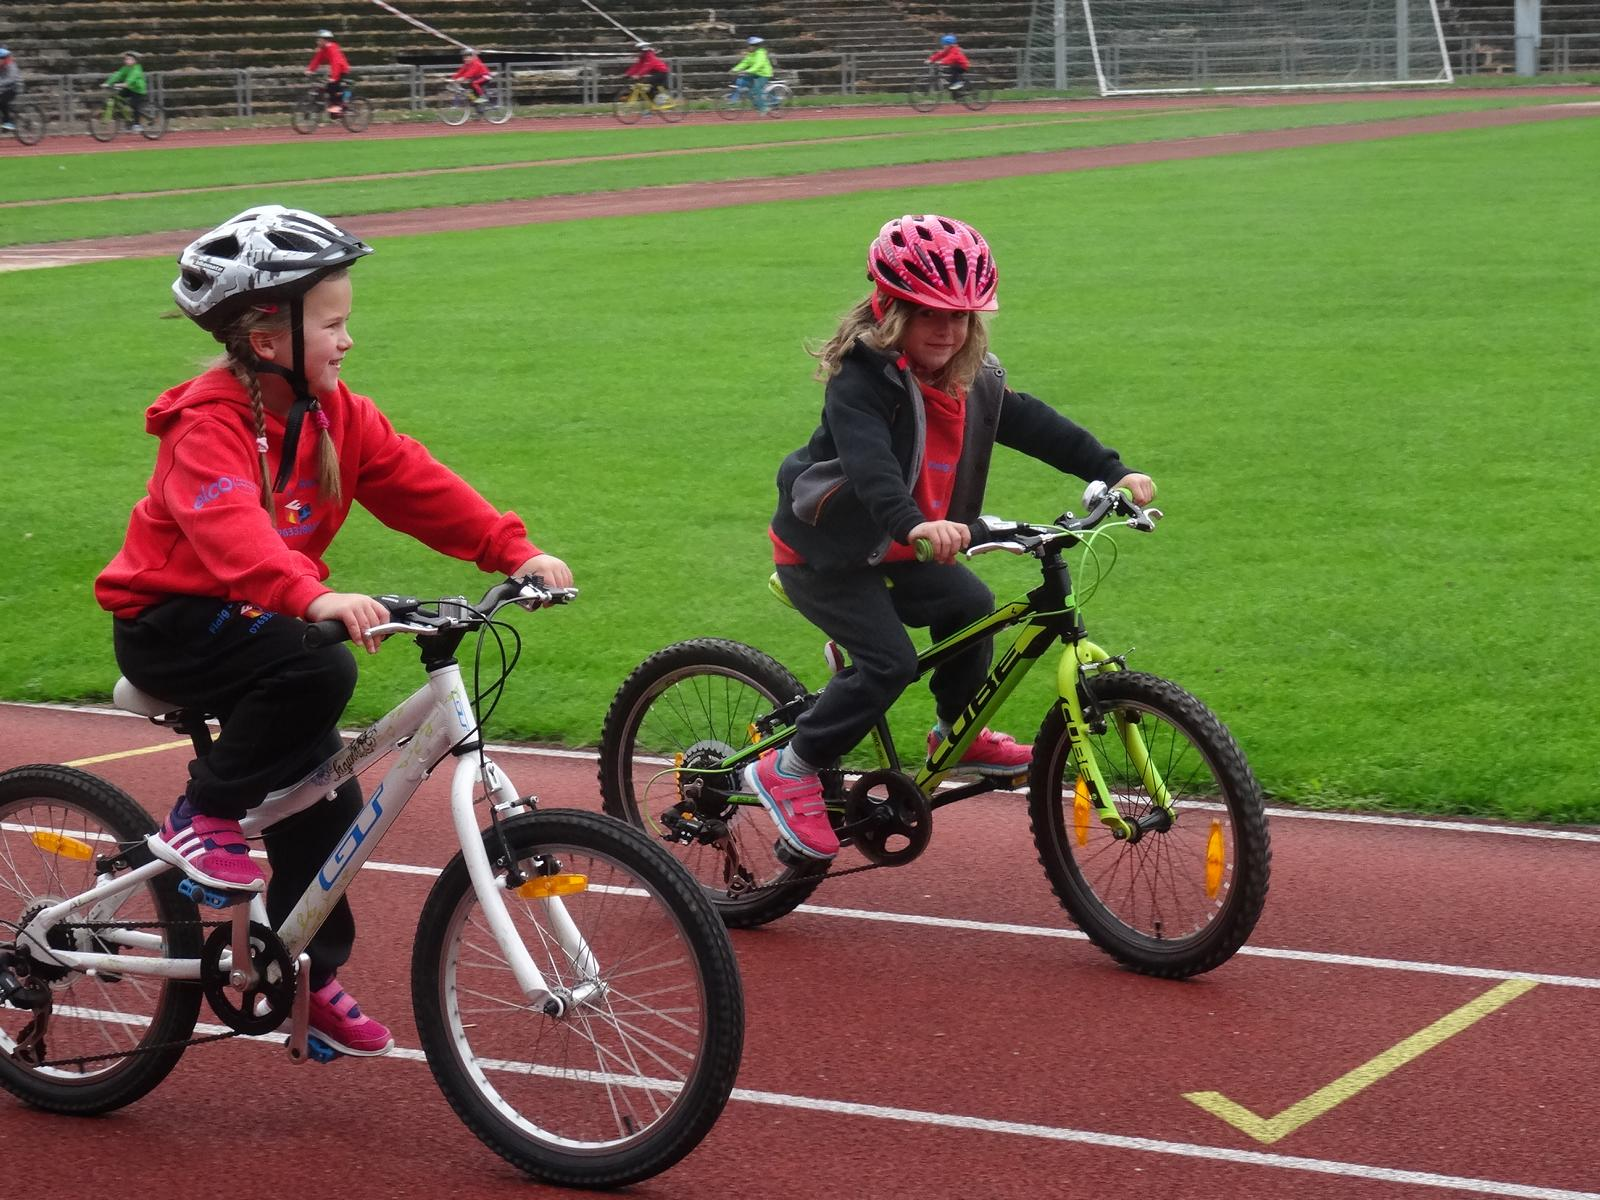 Sicherheit auf dem Fahrrad war ein wichtiges Thema beim Aktionstag der Sparkassen TriKids Freiburg am vergangenen Sonntag. (Foto:Christina Feuerstein)